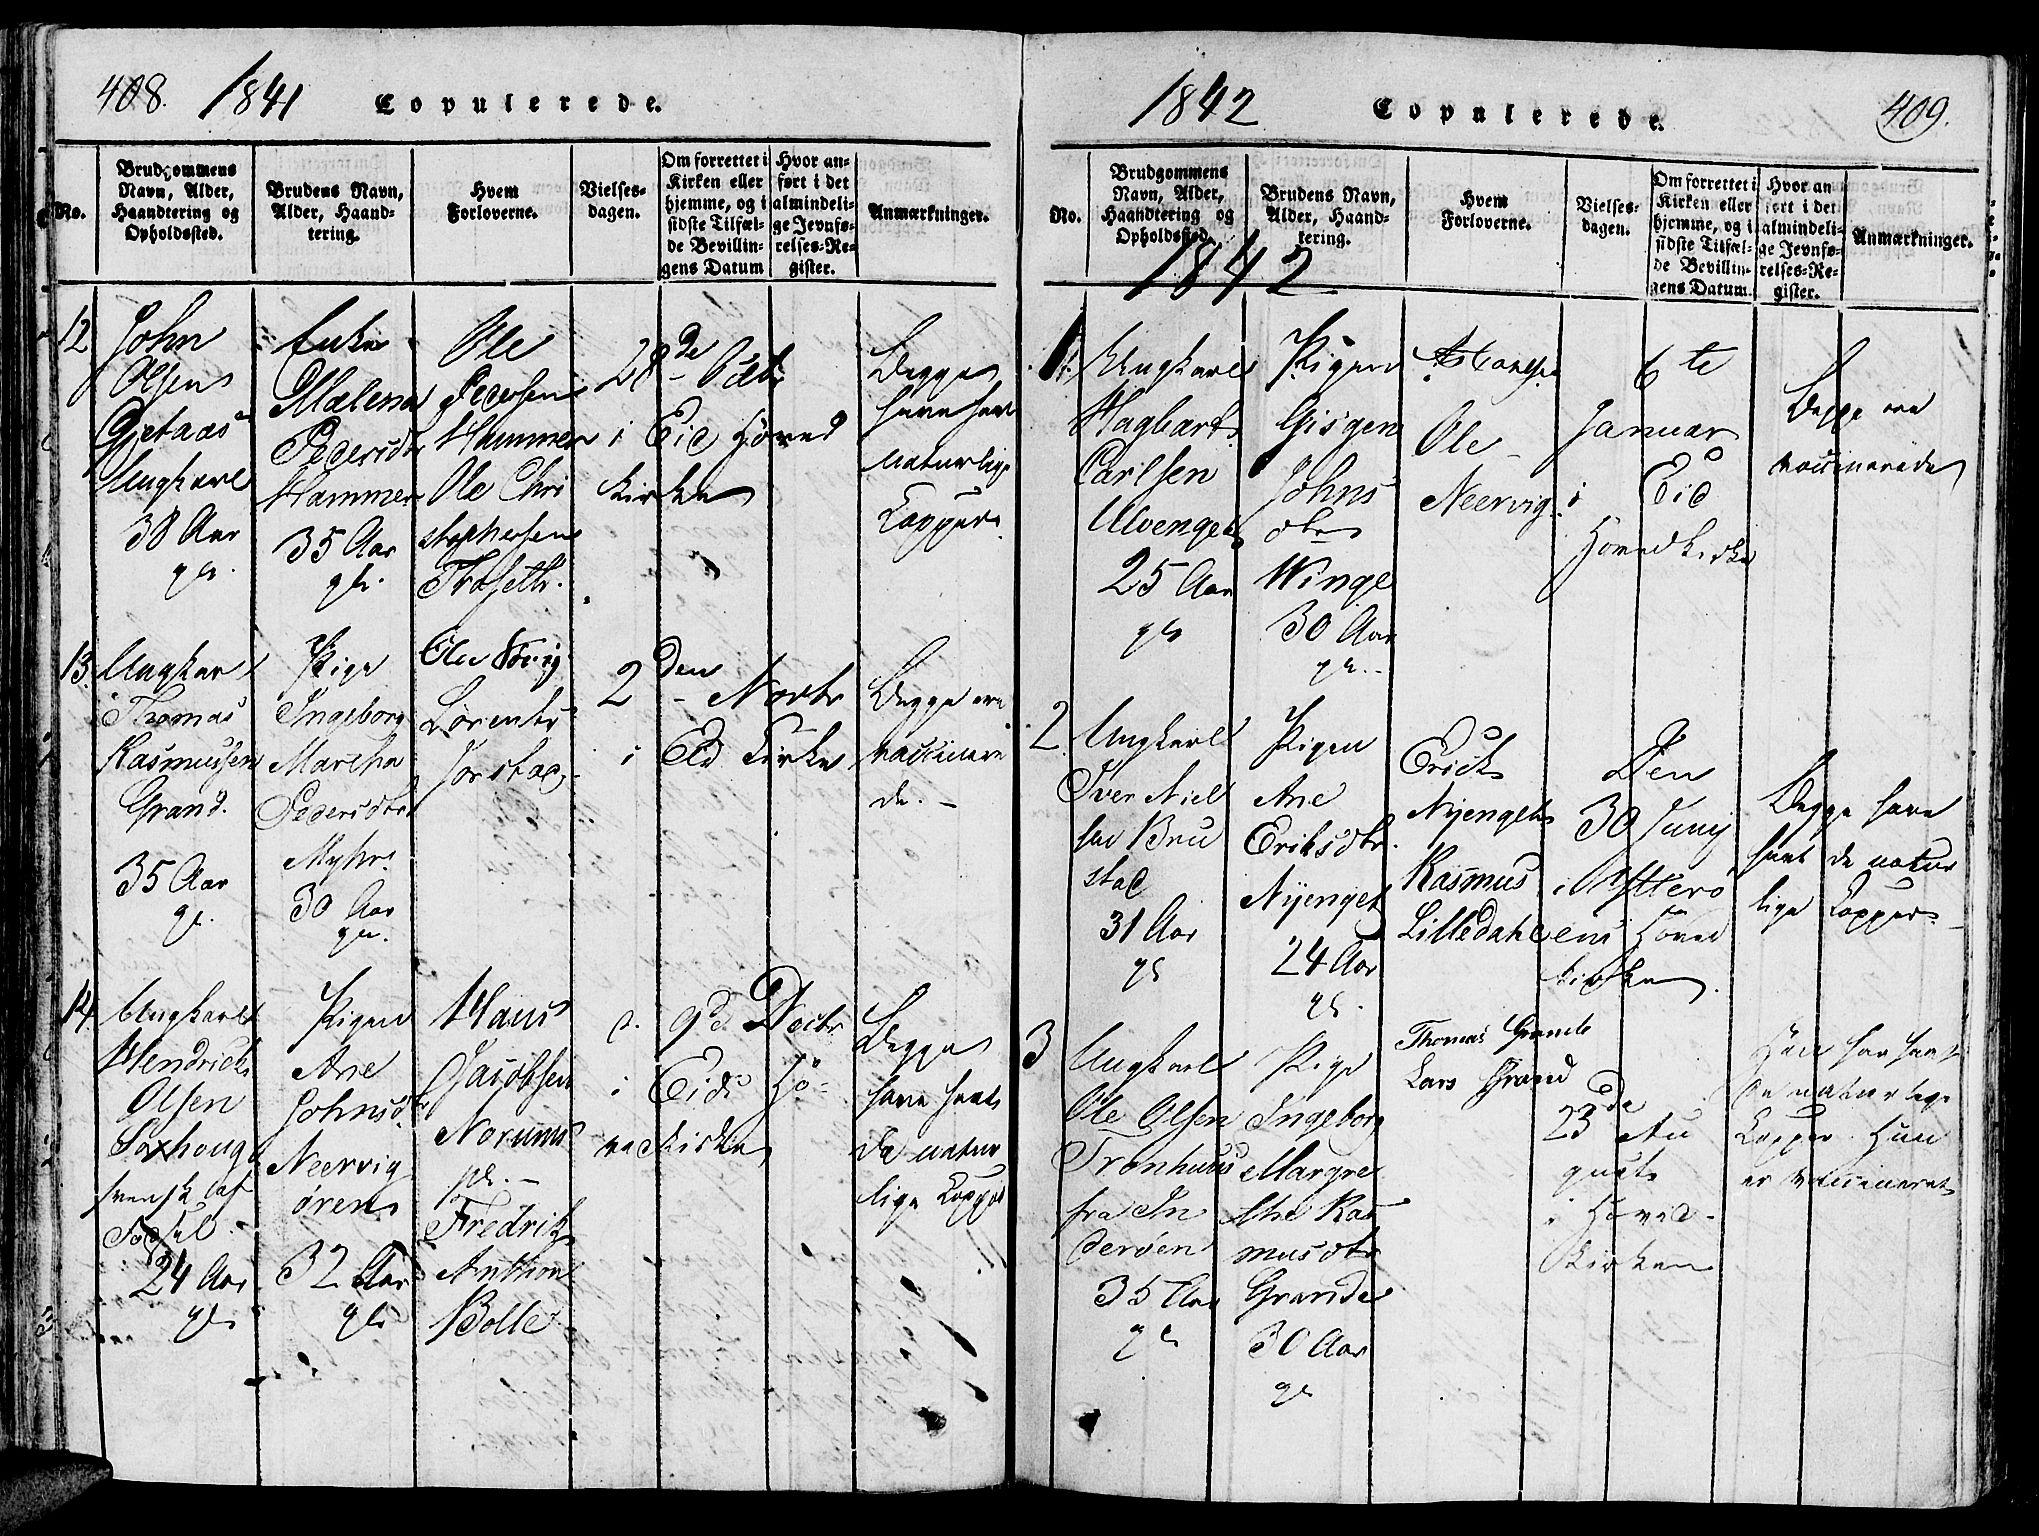 SAT, Ministerialprotokoller, klokkerbøker og fødselsregistre - Nord-Trøndelag, 733/L0322: Ministerialbok nr. 733A01, 1817-1842, s. 408-409